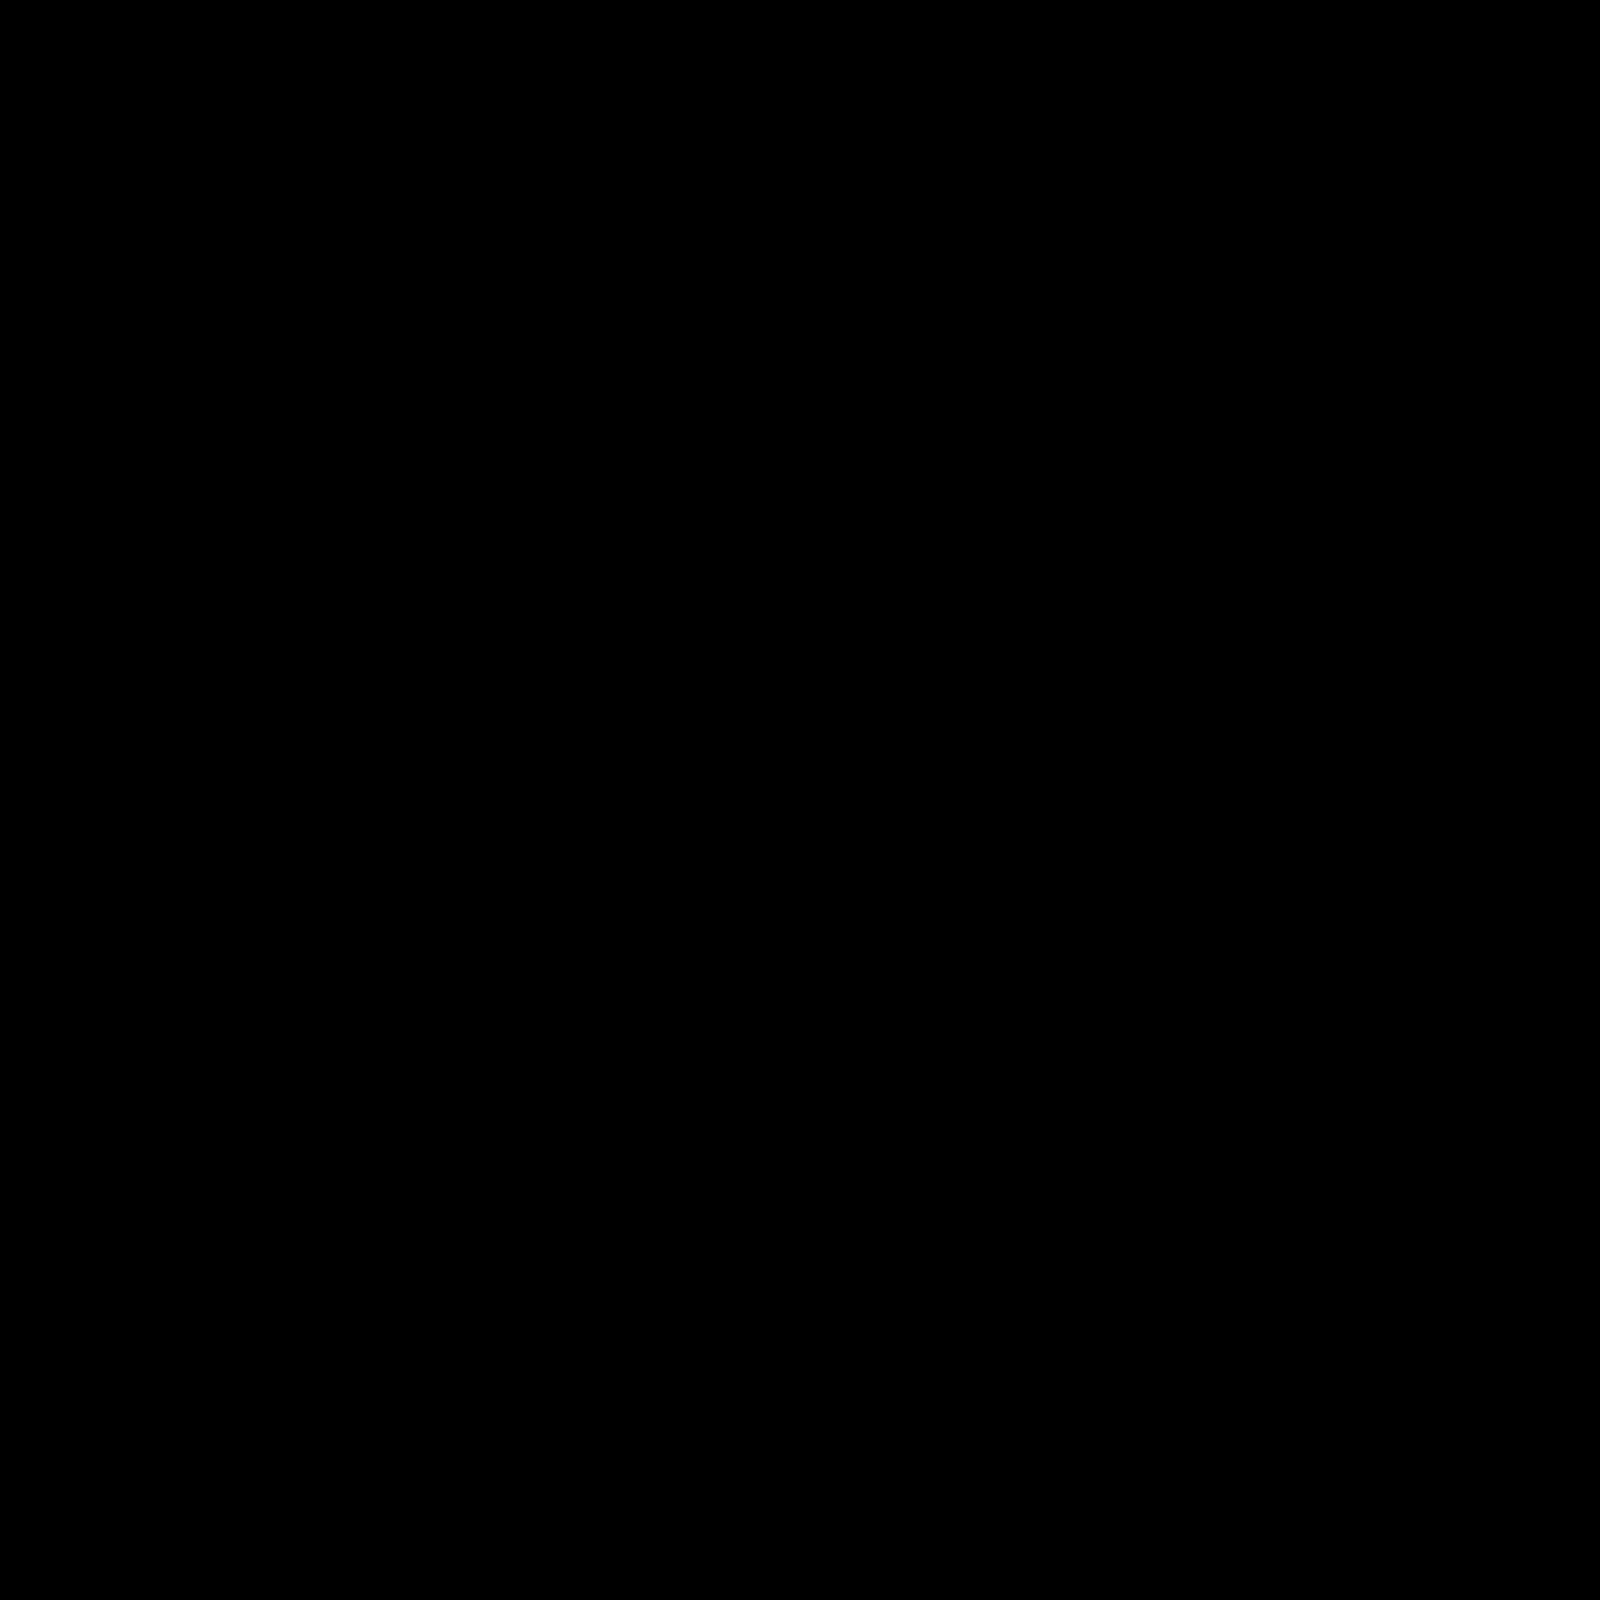 Wąsy Einsteina icon